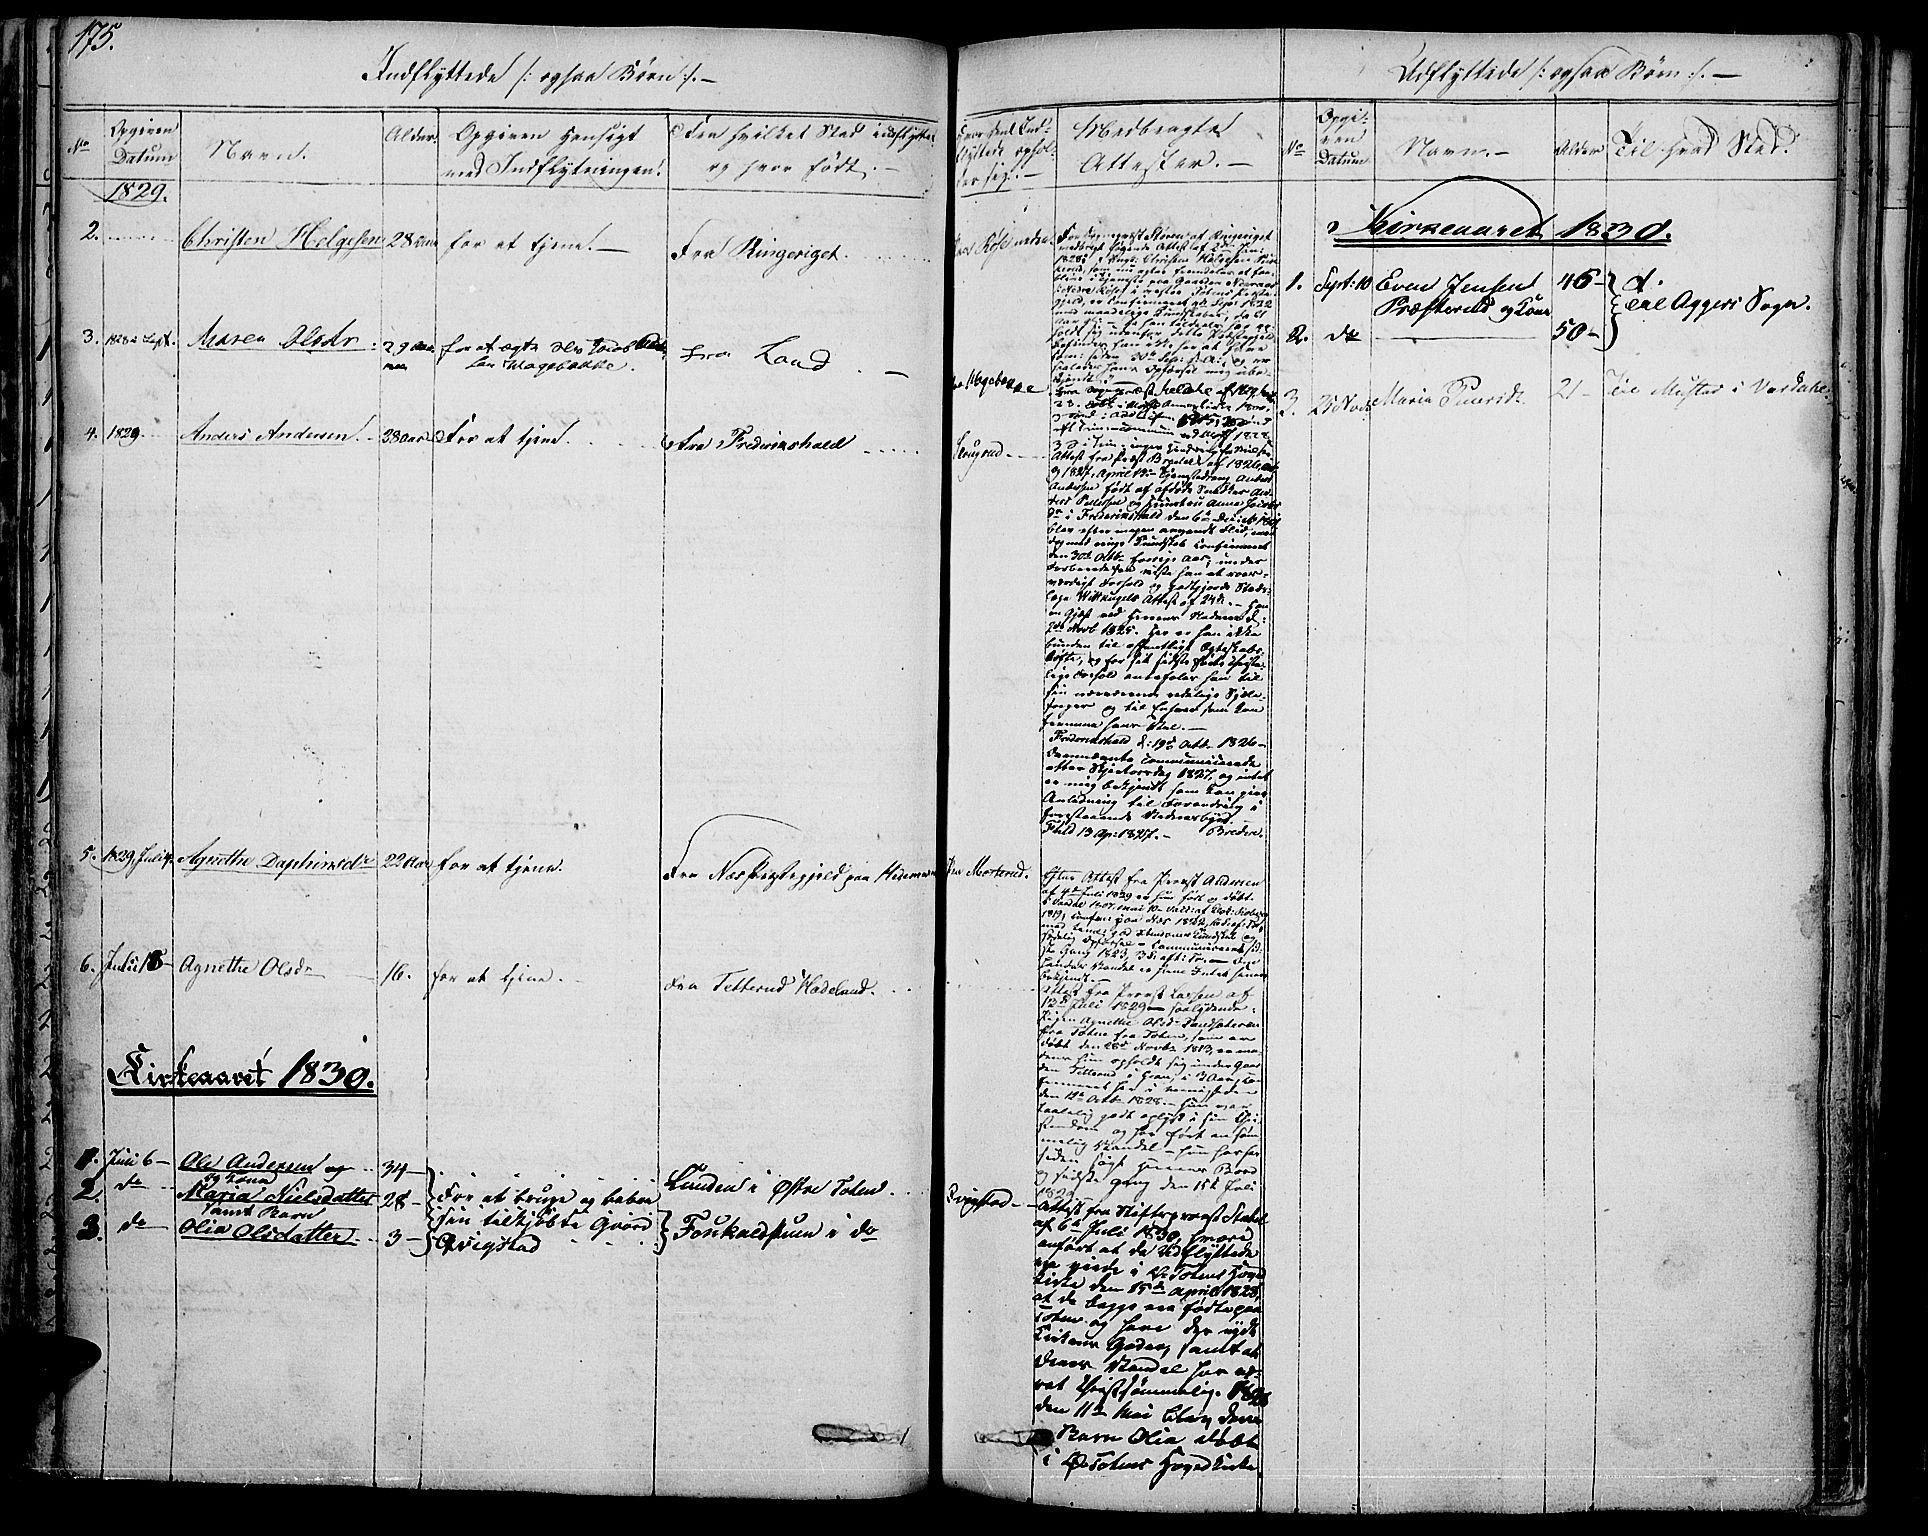 SAH, Vestre Toten prestekontor, Ministerialbok nr. 2, 1825-1837, s. 175